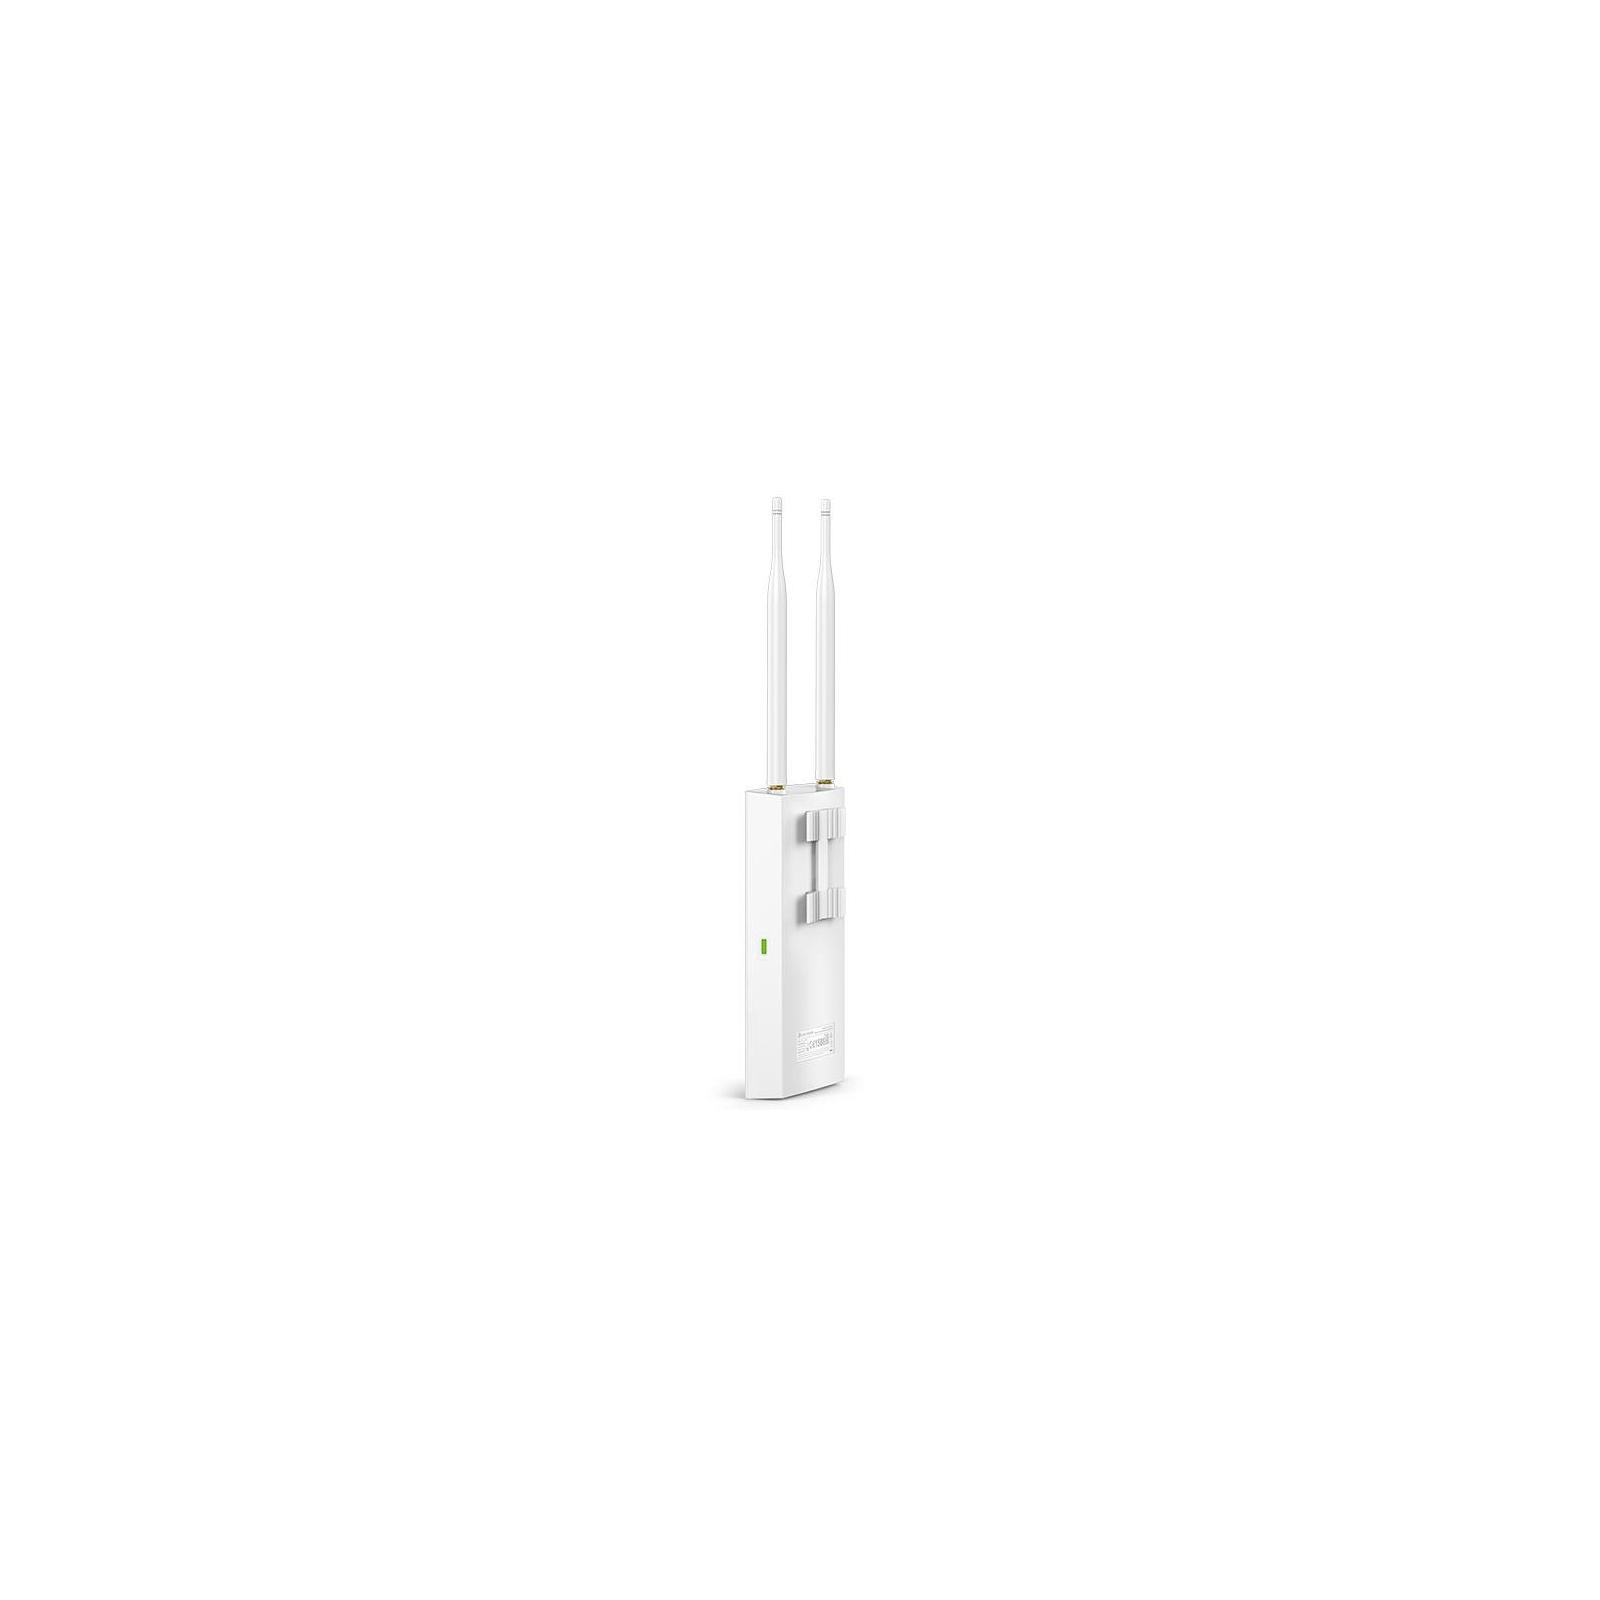 Точка доступа Wi-Fi TP-Link EAP110-Outdoor изображение 2